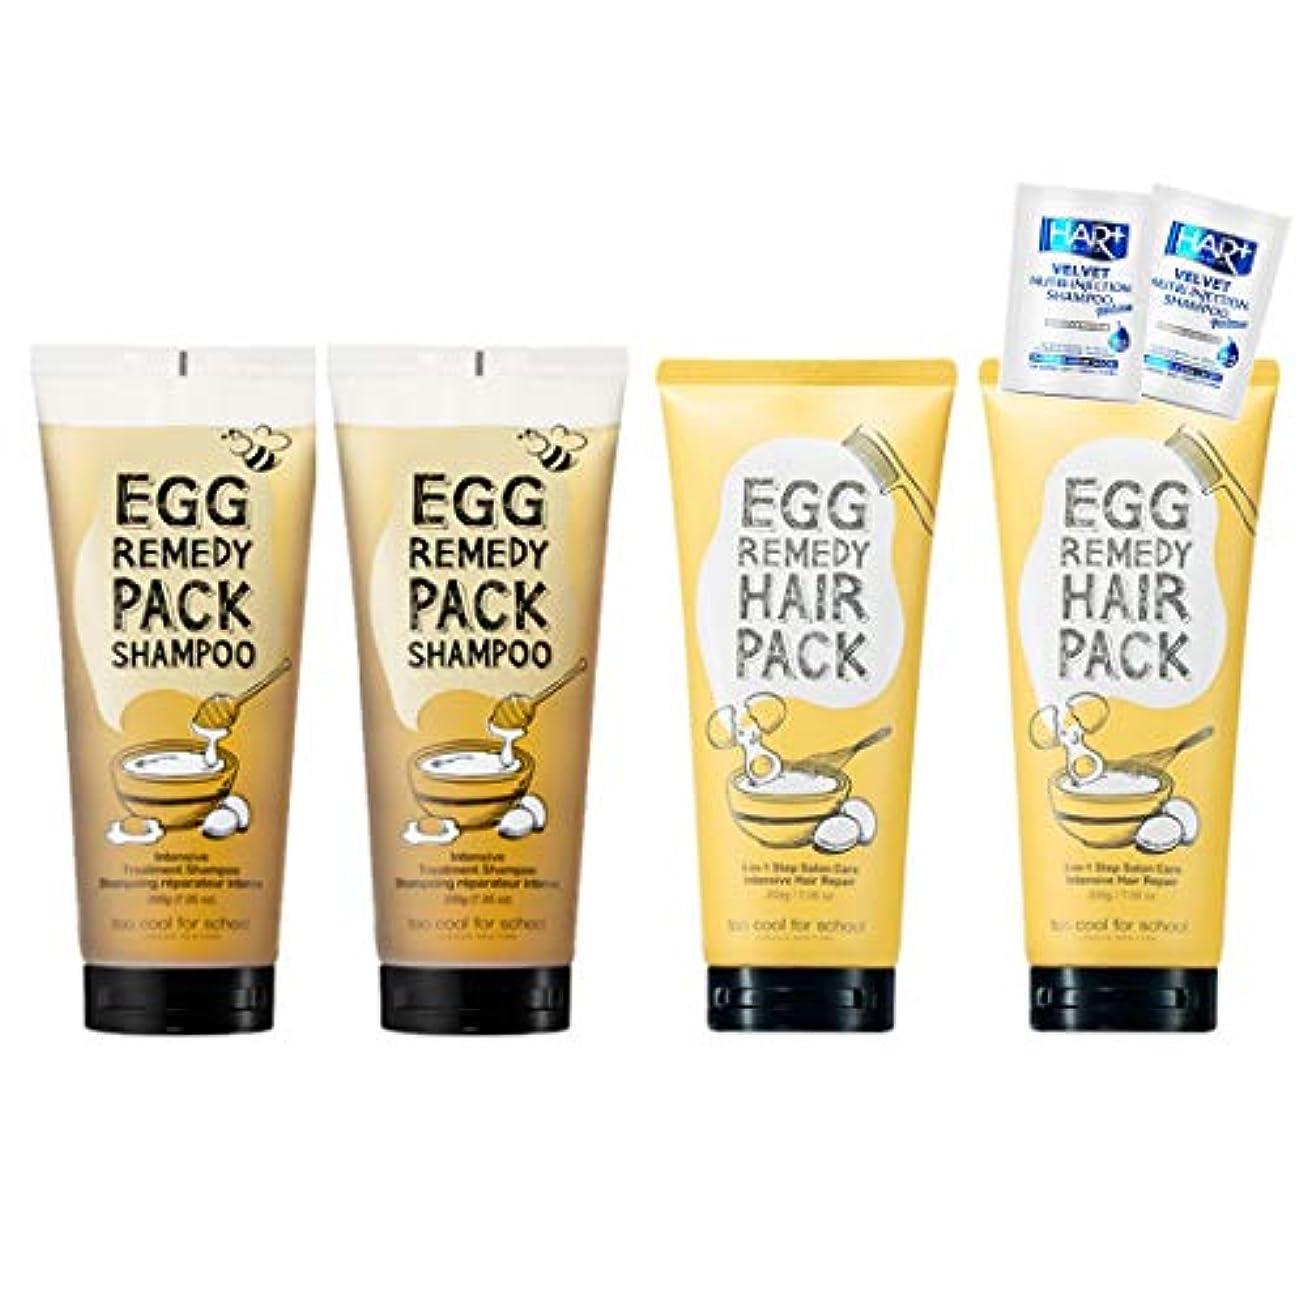 証人エンディング快いトゥークールフォ―スクール(too cool for school)/エッグレミディパックシャンプーtoo cool for school Egg Remedy Pack Shampoo 200ml X 2EA + エッグレミディヘアパック...